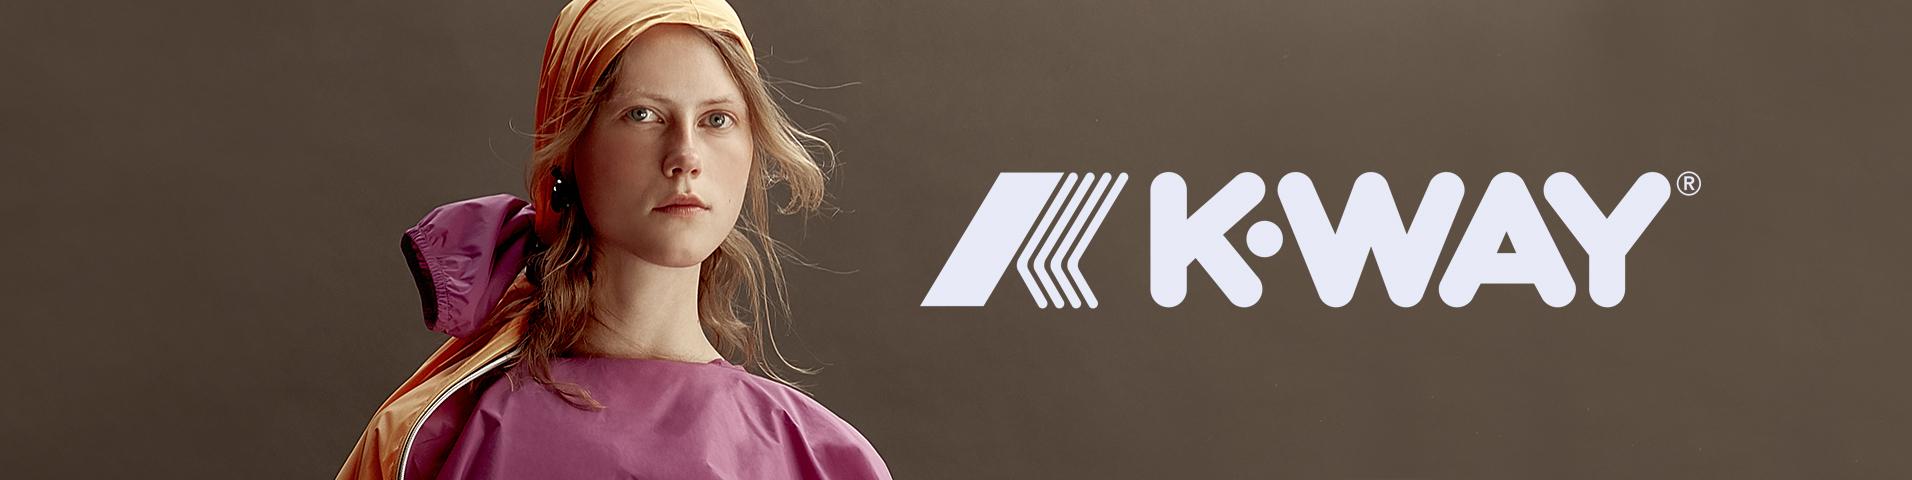 K Way | La nuova collezione online su Zalando